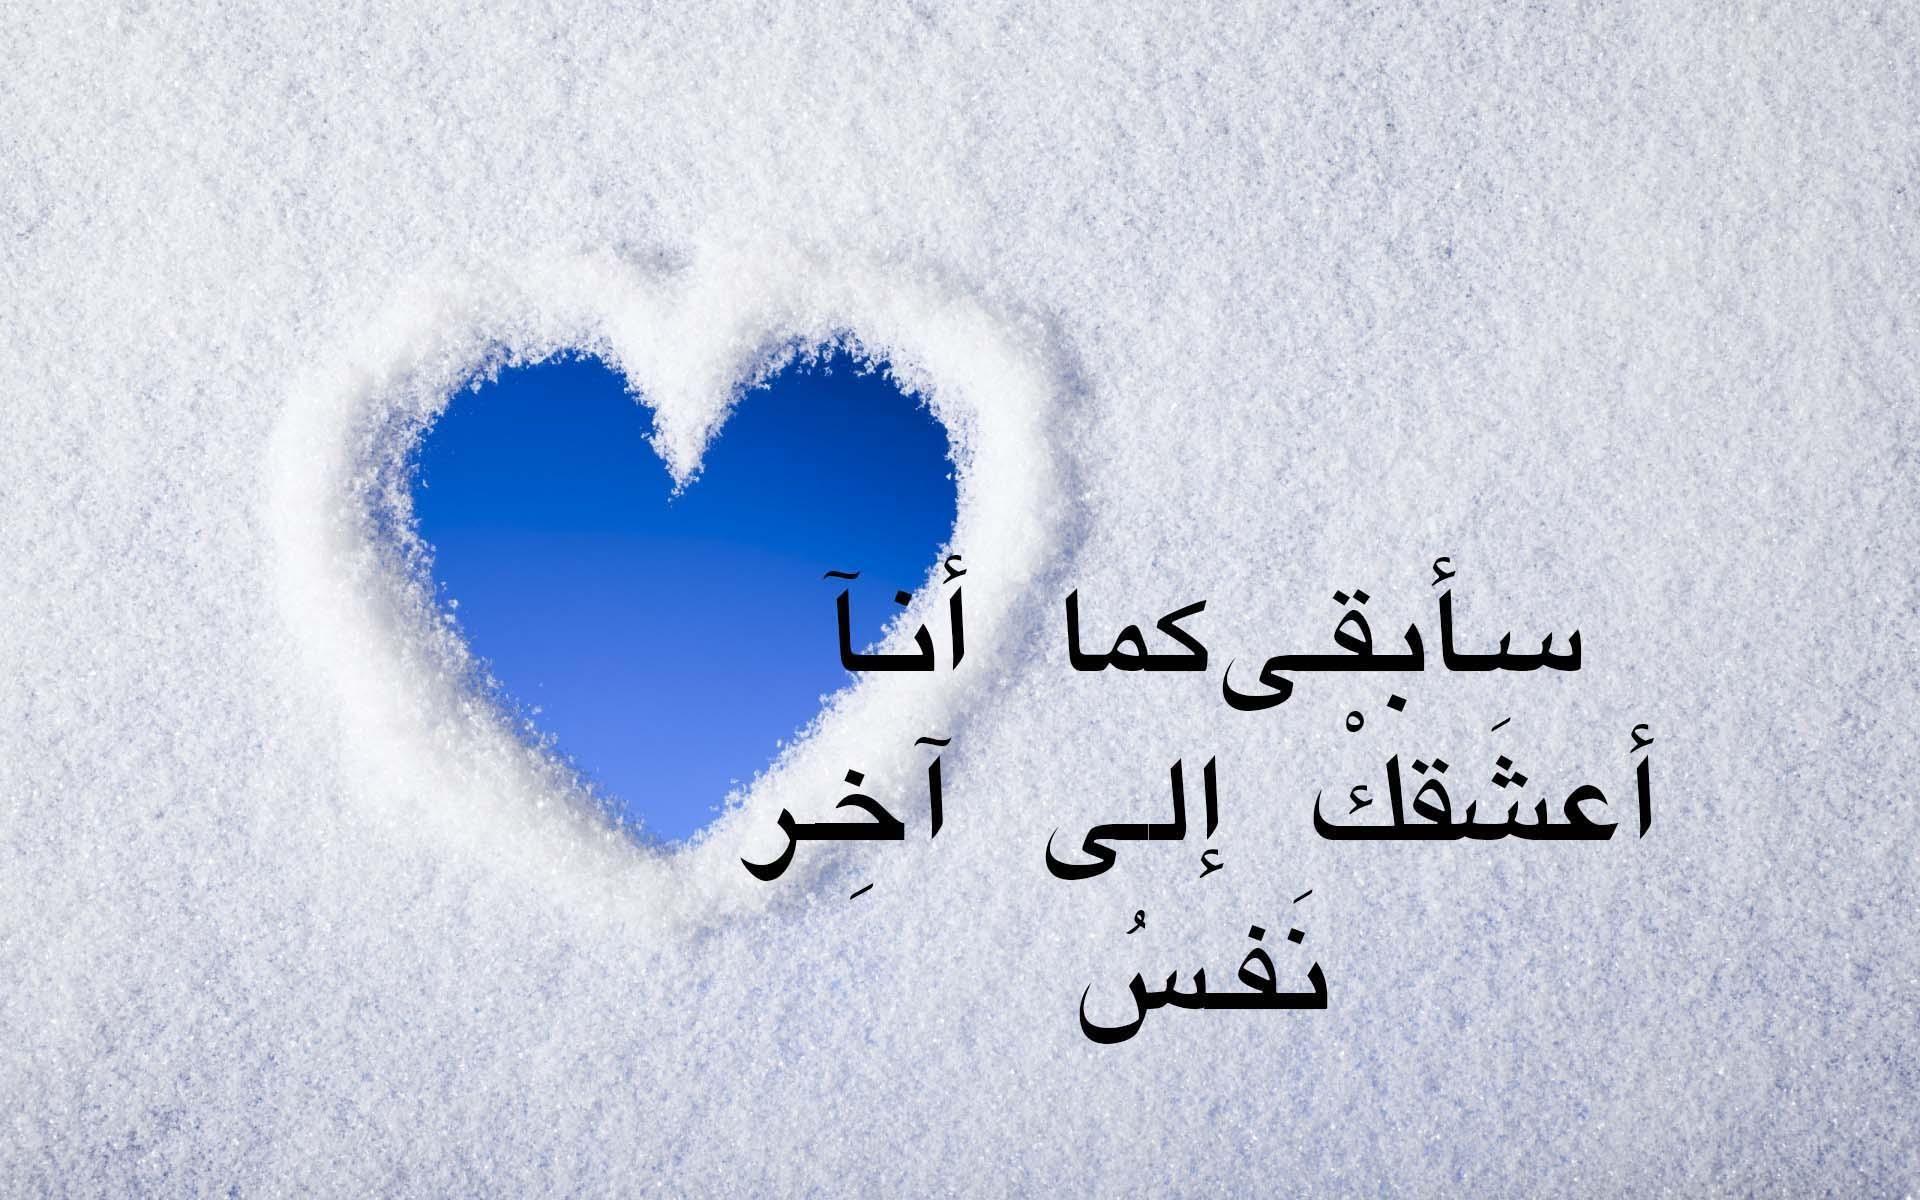 سابقى كما انا اعشقك الى اخر نفس Funny Arabic Quotes Romantic Quotes Love Quotes